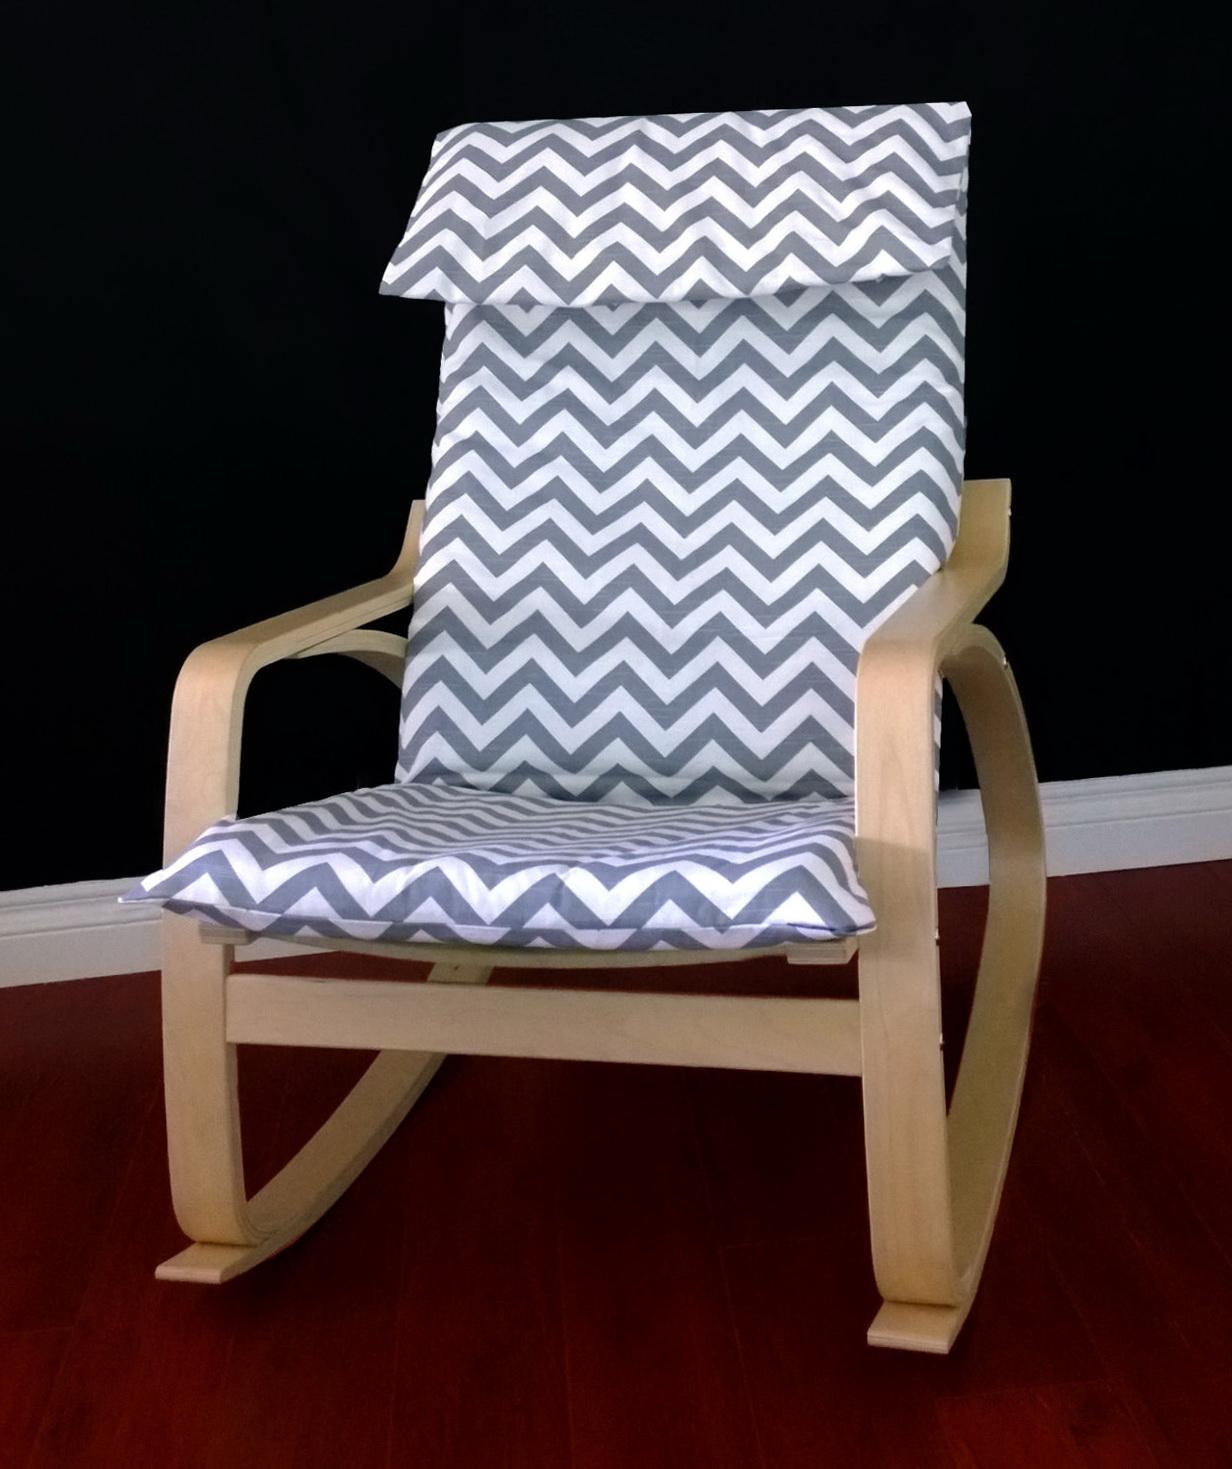 Ikea Poang Chair Cushion Cover | Home Design Ideas